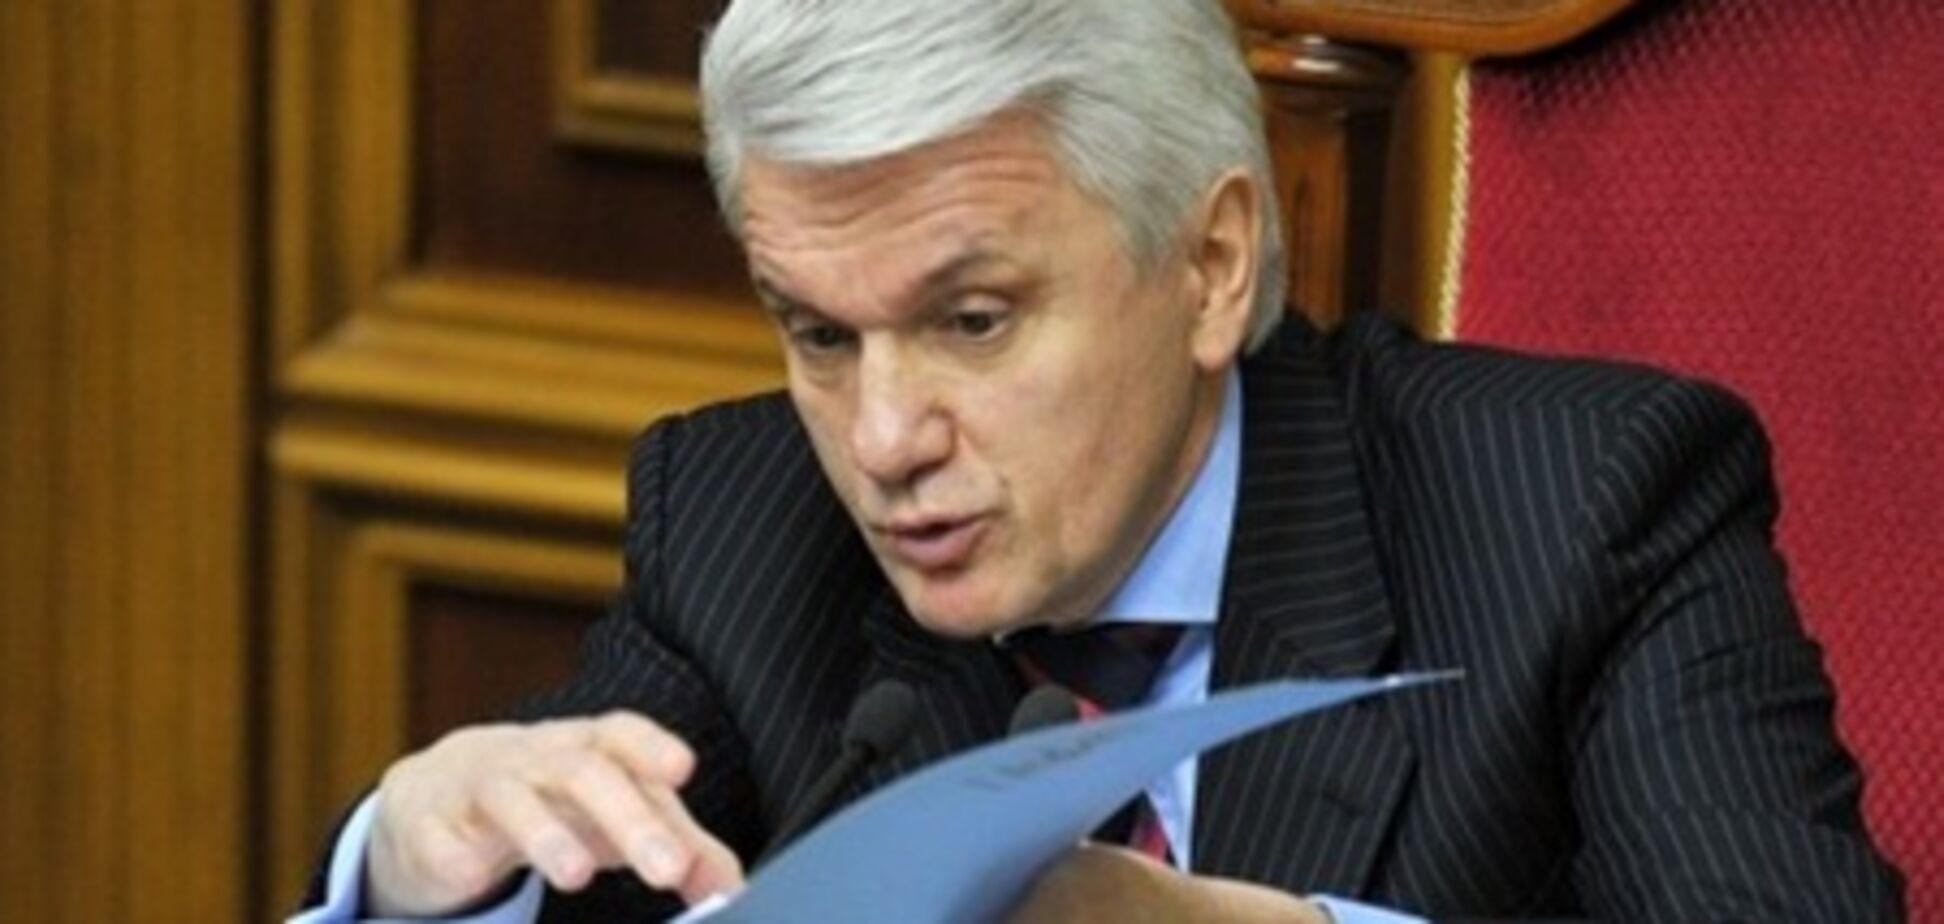 Литвин: мир еще не до конца оценил последствия распада СССР